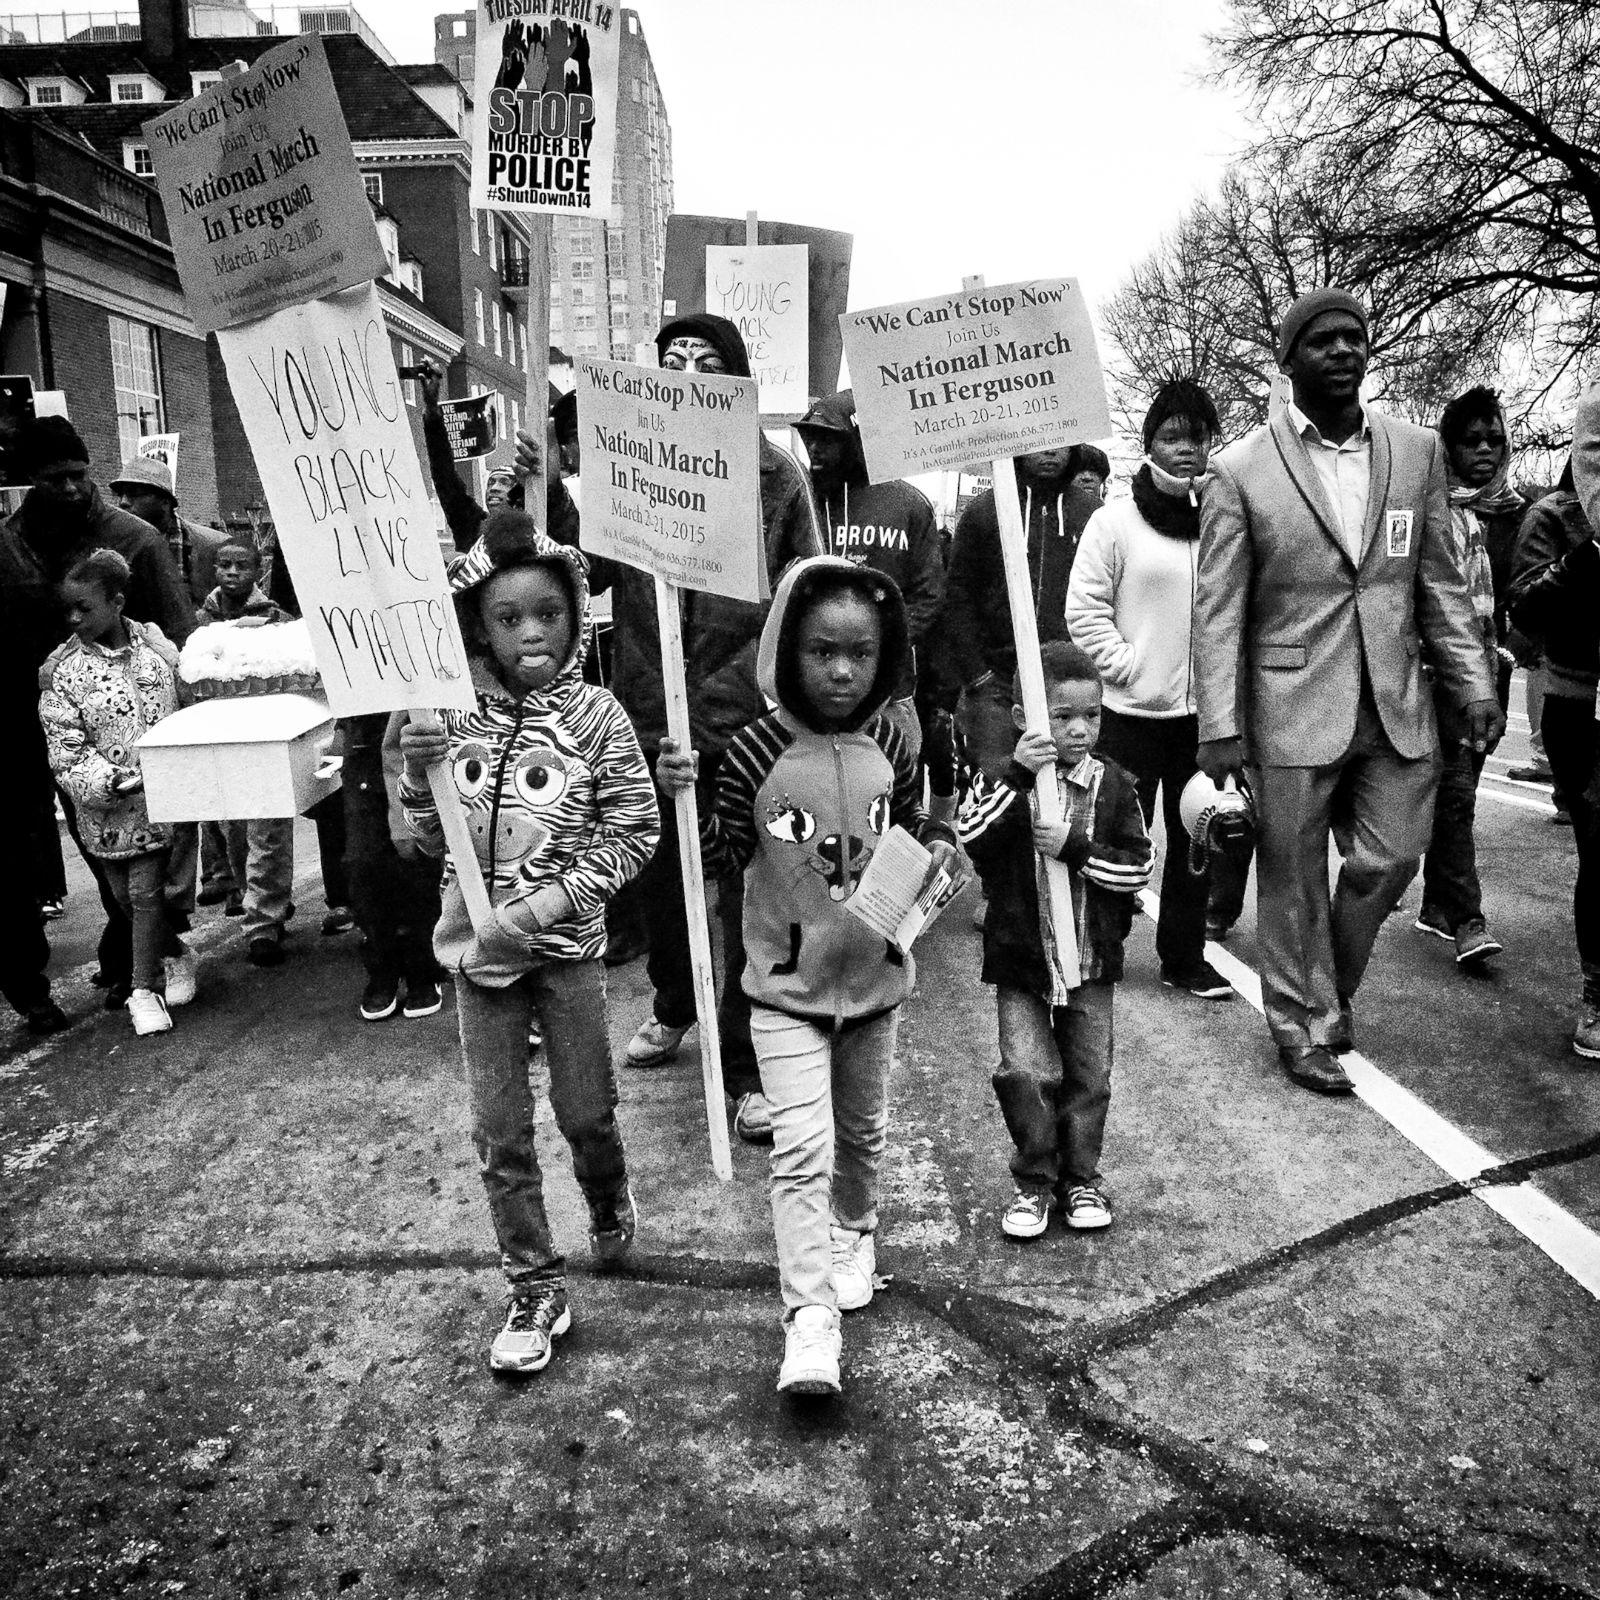 Los niños llevan pancartas durante una manifestación organizada por Michael Brown en la que se hace un llamado a la solidaridad nacional en Ferguson (Missouri), el 20 de marzo de 2015. Fotografía: Sheila Pree Bright